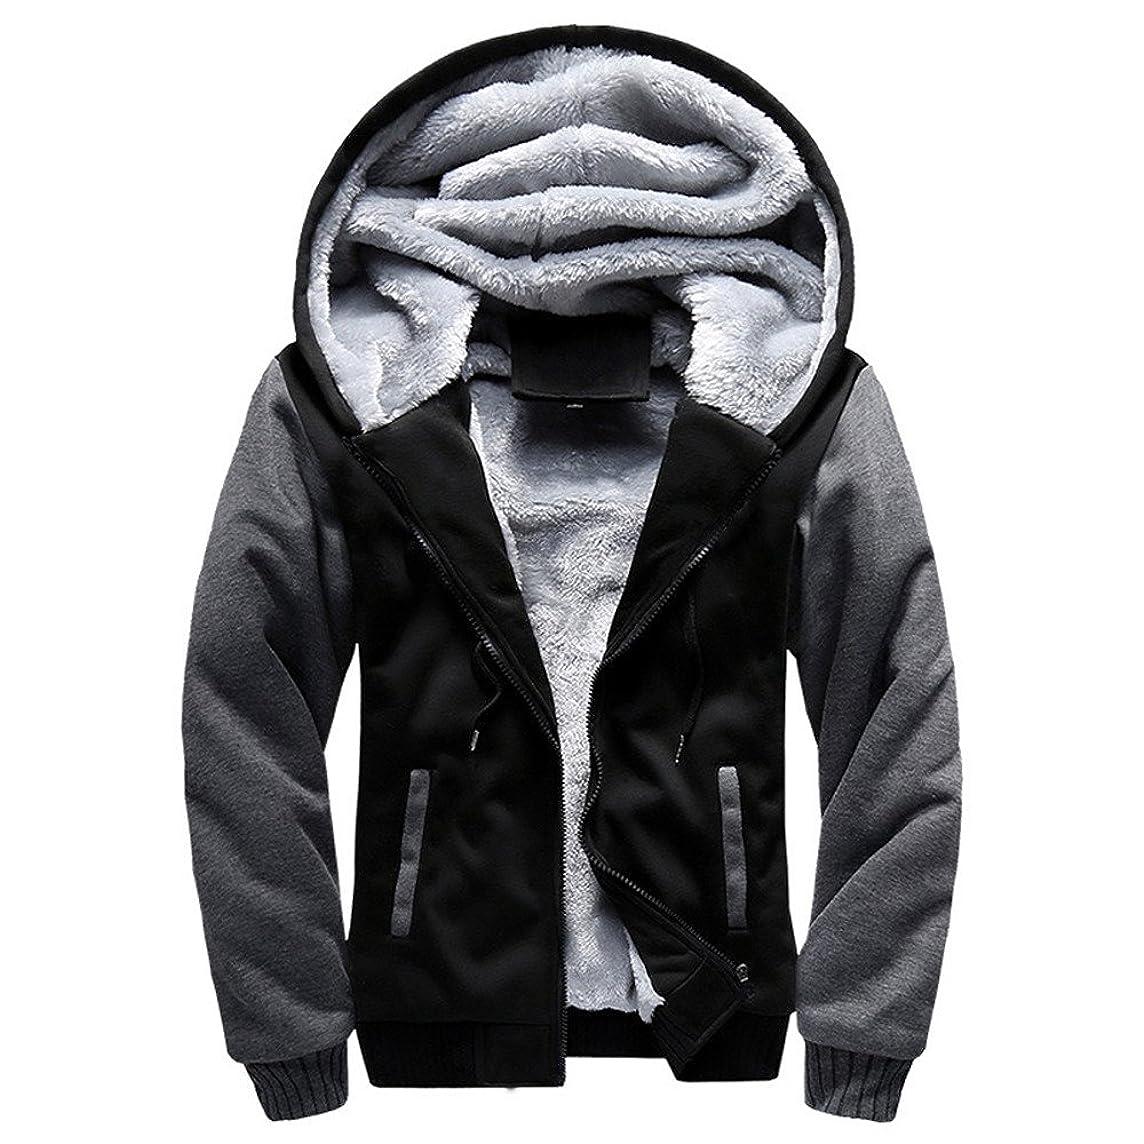 Daoroka Men's Plus Size Coats Mens Faux Fleece Zipper Jacket Outwear Coat M-5XL Hoodie Winter Warm Parka